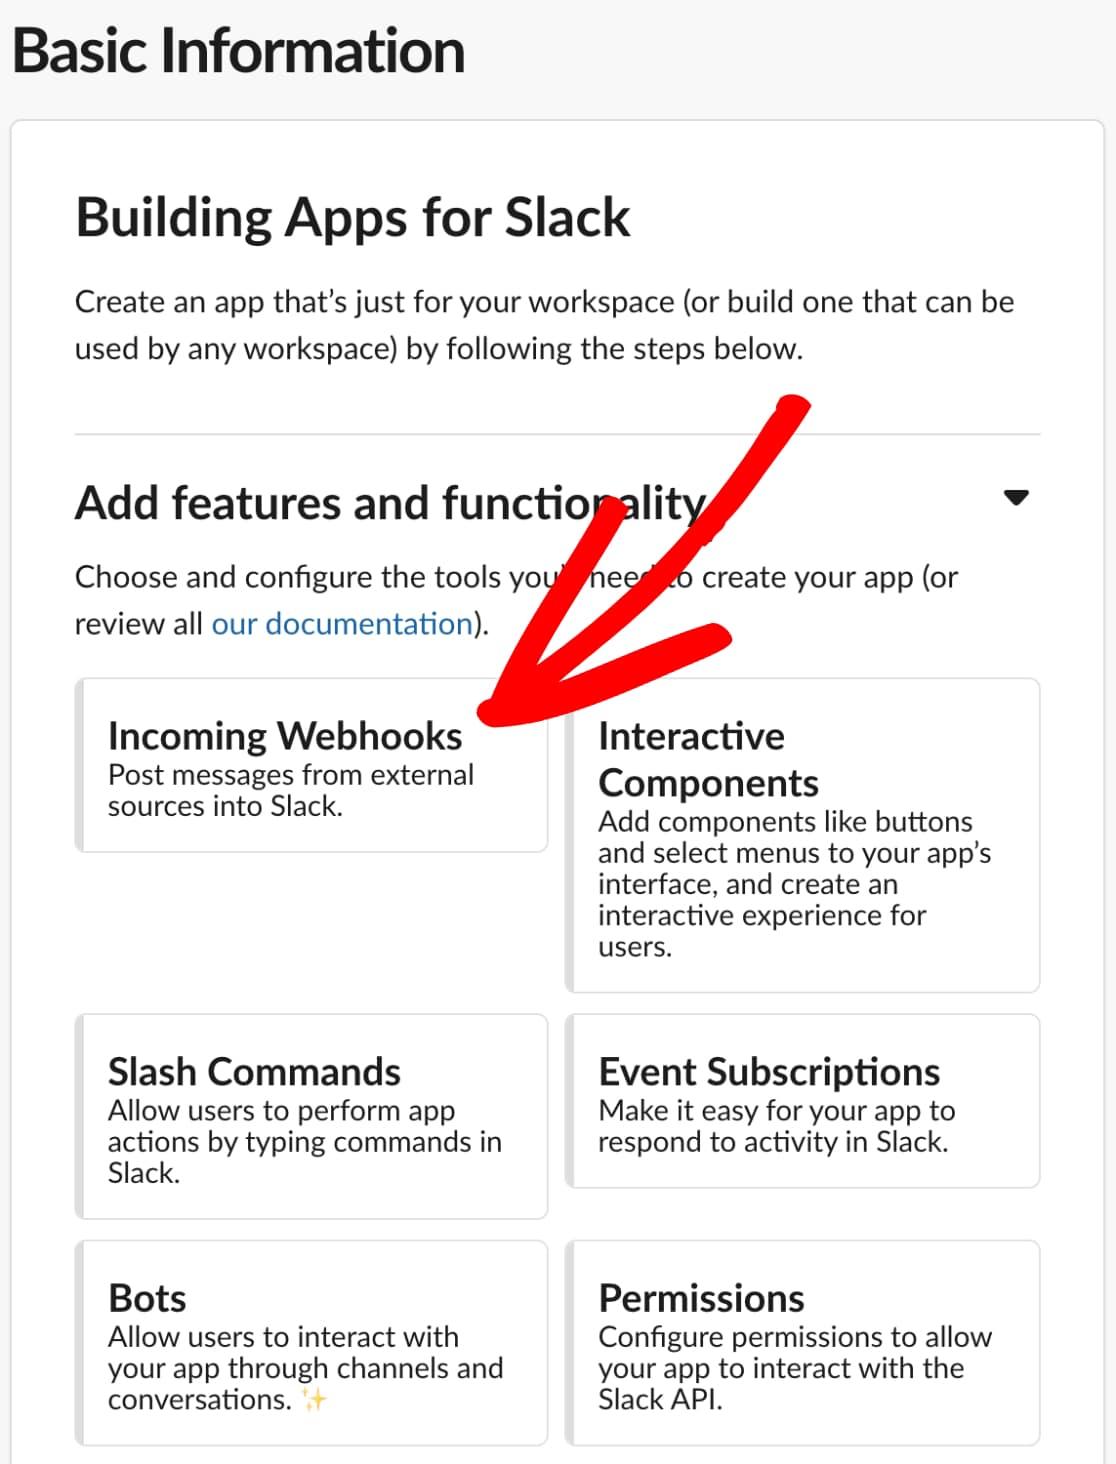 Incoming Webhooks Integration for Slack